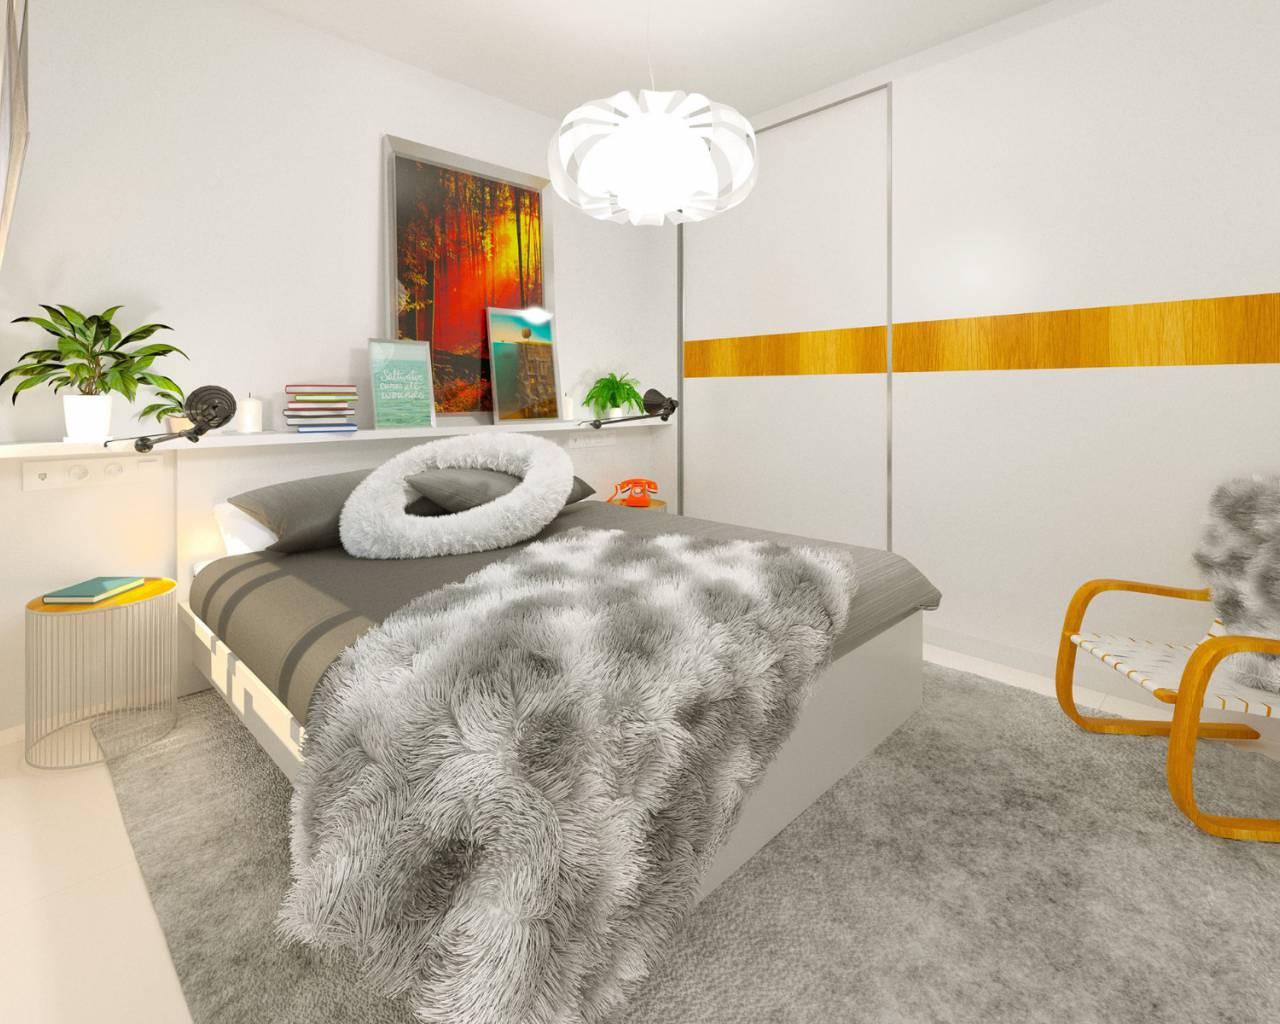 nieuwbouw-appartement-torrevieja-playa-del-cura_2508_xl